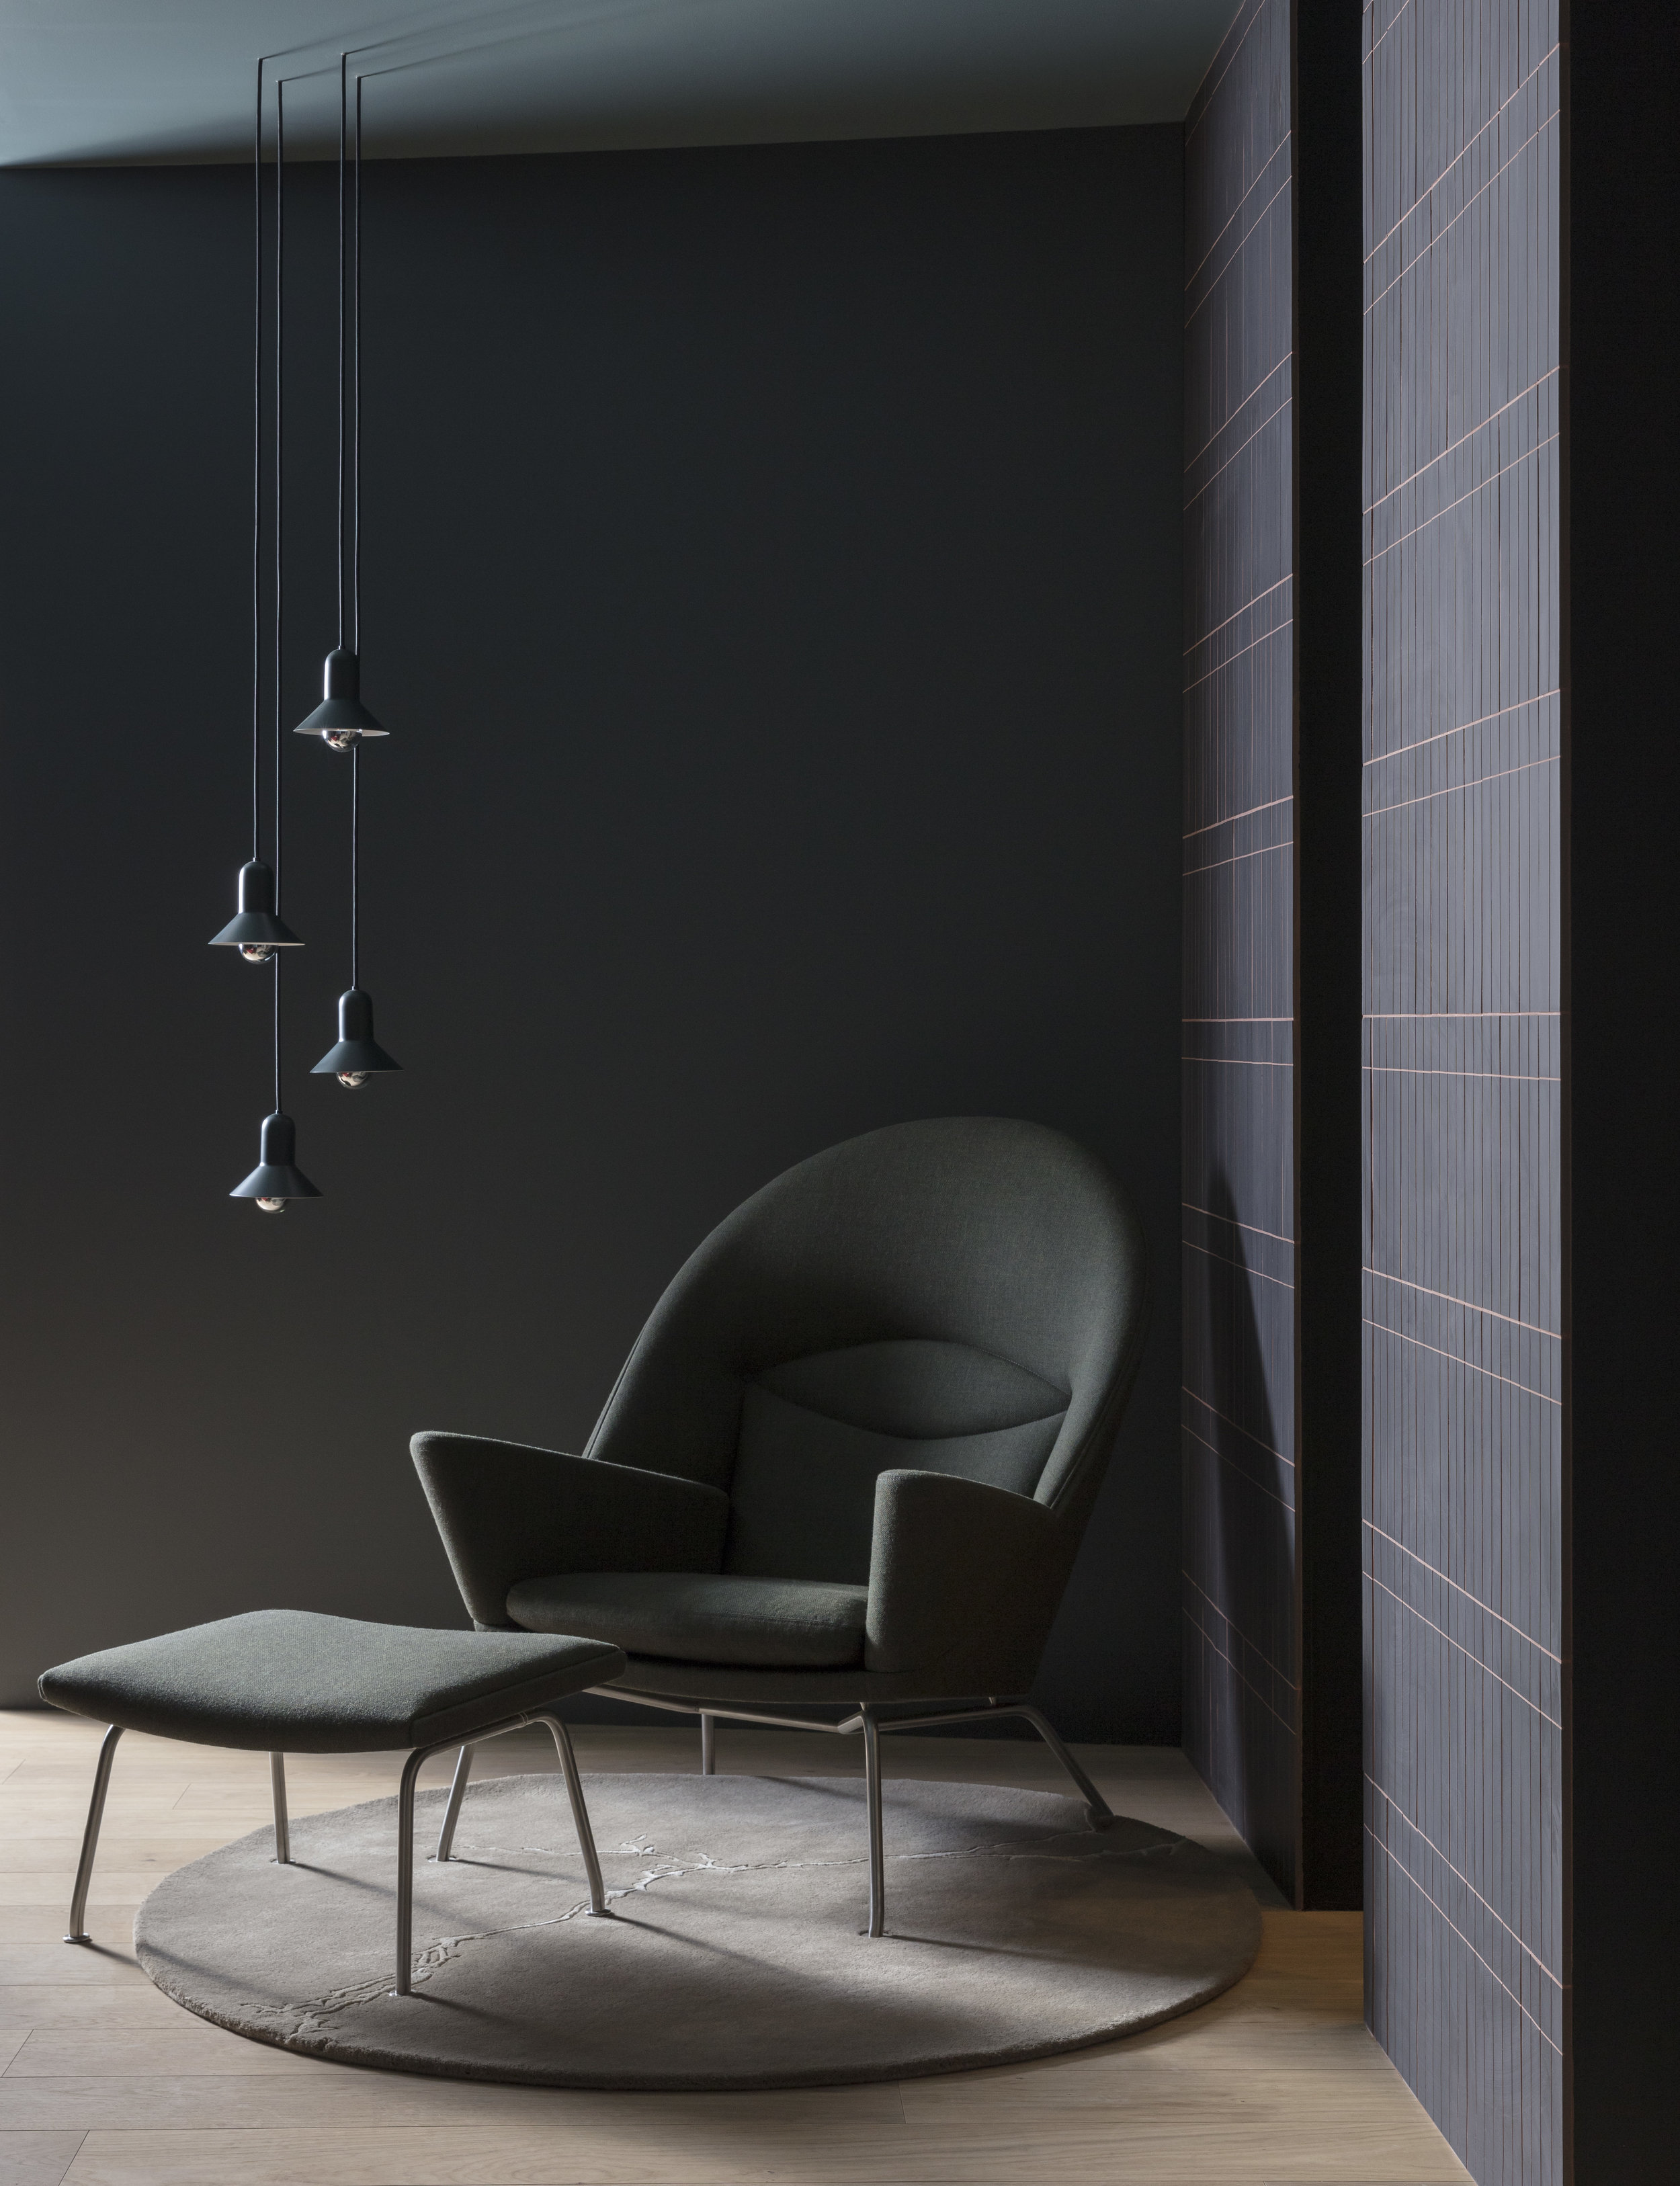 Lounge Chairs -